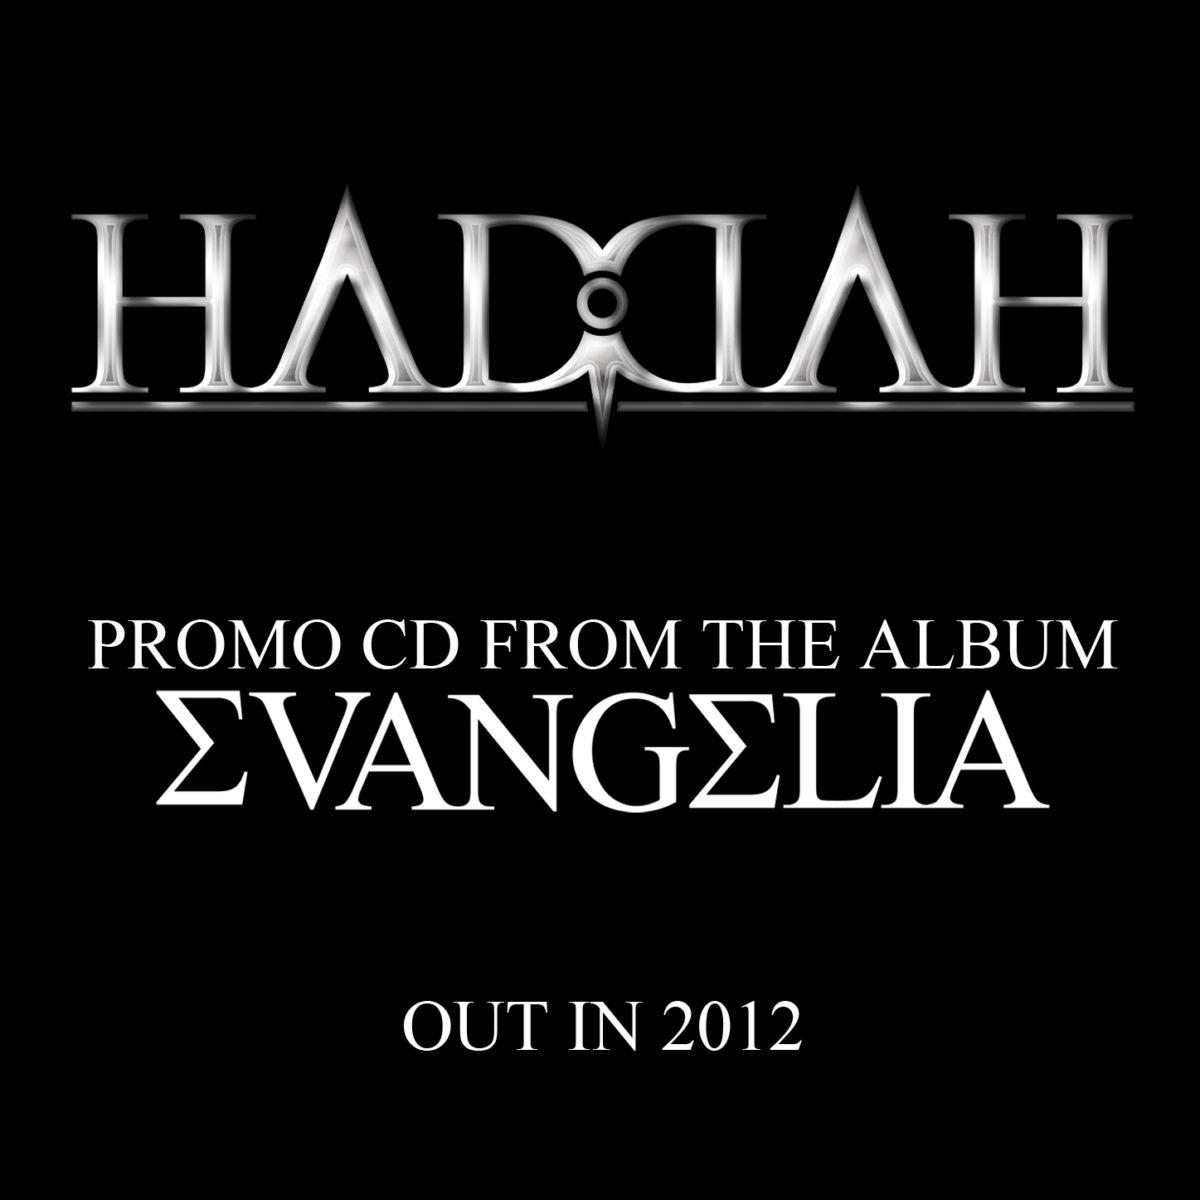 Evangelia Promo CD (full album)